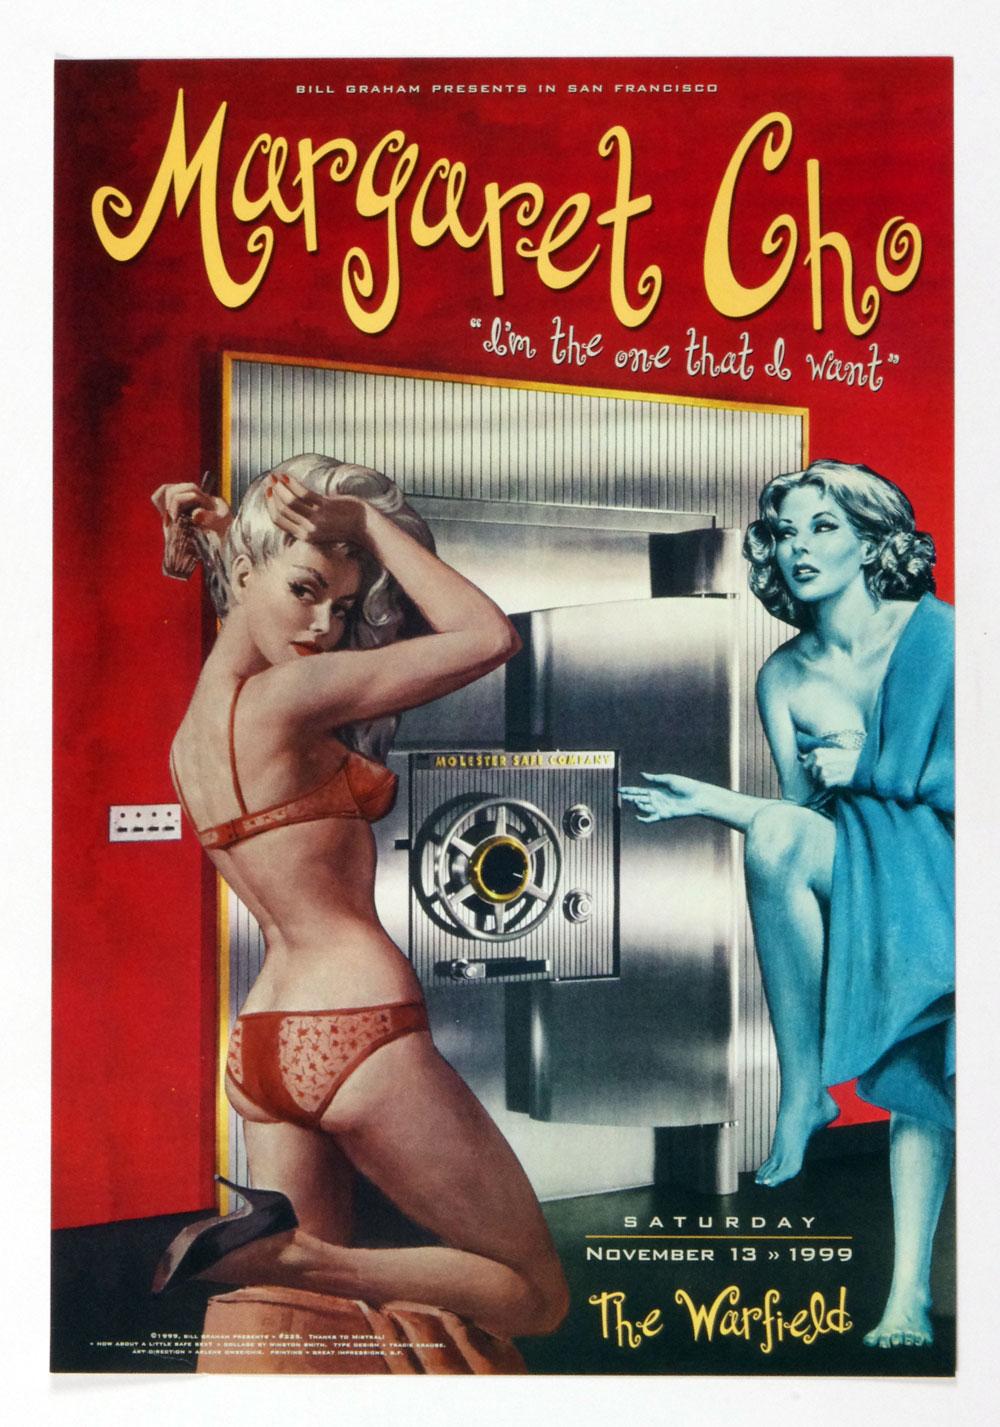 Bill Graham Presents Poster 1999 Nov 13 Margaret Cho #225